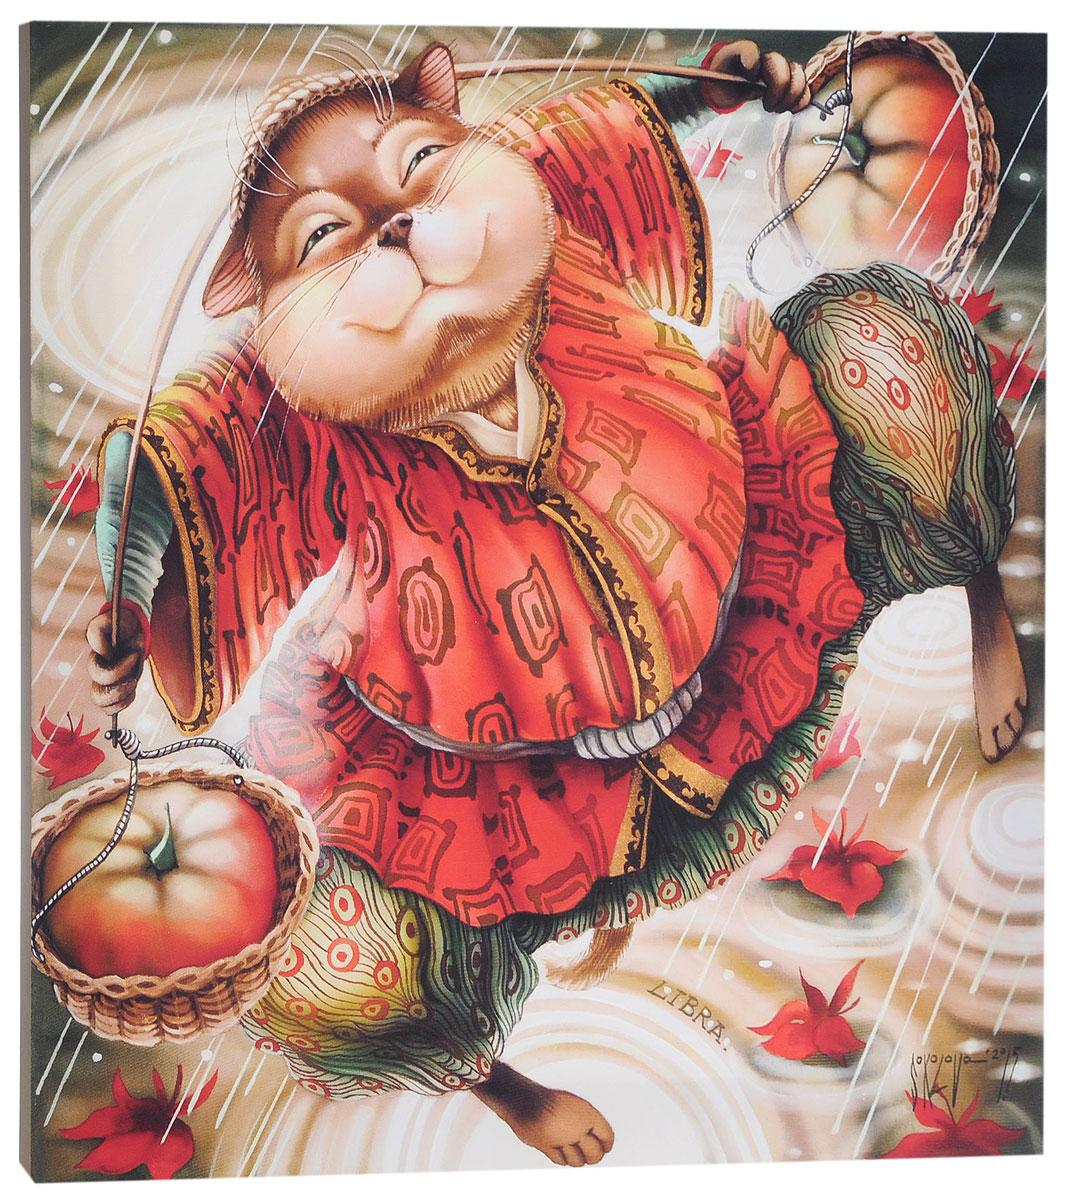 КвикДекор Картина детская ВесыAP-00874-00090-Cn5050Картина КвикДекор Весы - это прекрасное украшение для вашей гостиной, детской или спальни. Она привнесет в интерьер яркий акцент и сделает обстановку комфортной и уютной. Автор картины - Надежда Соколова - родилась в 1973 году в городе Дрездене. В 1986-1990 годах училась в Художественной школе города Новгорода. В 1995 году окончила с отличием рекламное отделение Новгородского училища культуры. В 2000 году защитила диплом на факультете Искусств и Технологий НовГУ имени Ярослава Мудрого. Выставляется с 1996 года. Работает в техниках: живопись, графика, батик, лаковая миниатюра, авторская кукла. Является автором оригинального стиля в миниатюре. Изделие представляет собой картину с латексной печатью на натуральном хлопчатобумажном холсте. Галерейная натяжка на деревянный подрамник выполнена очень аккуратно, а боковые части картины запечатаны тоновой заливкой. Обратная сторона подрамника содержит отверстие, благодаря которому картину можно легко закрепить...